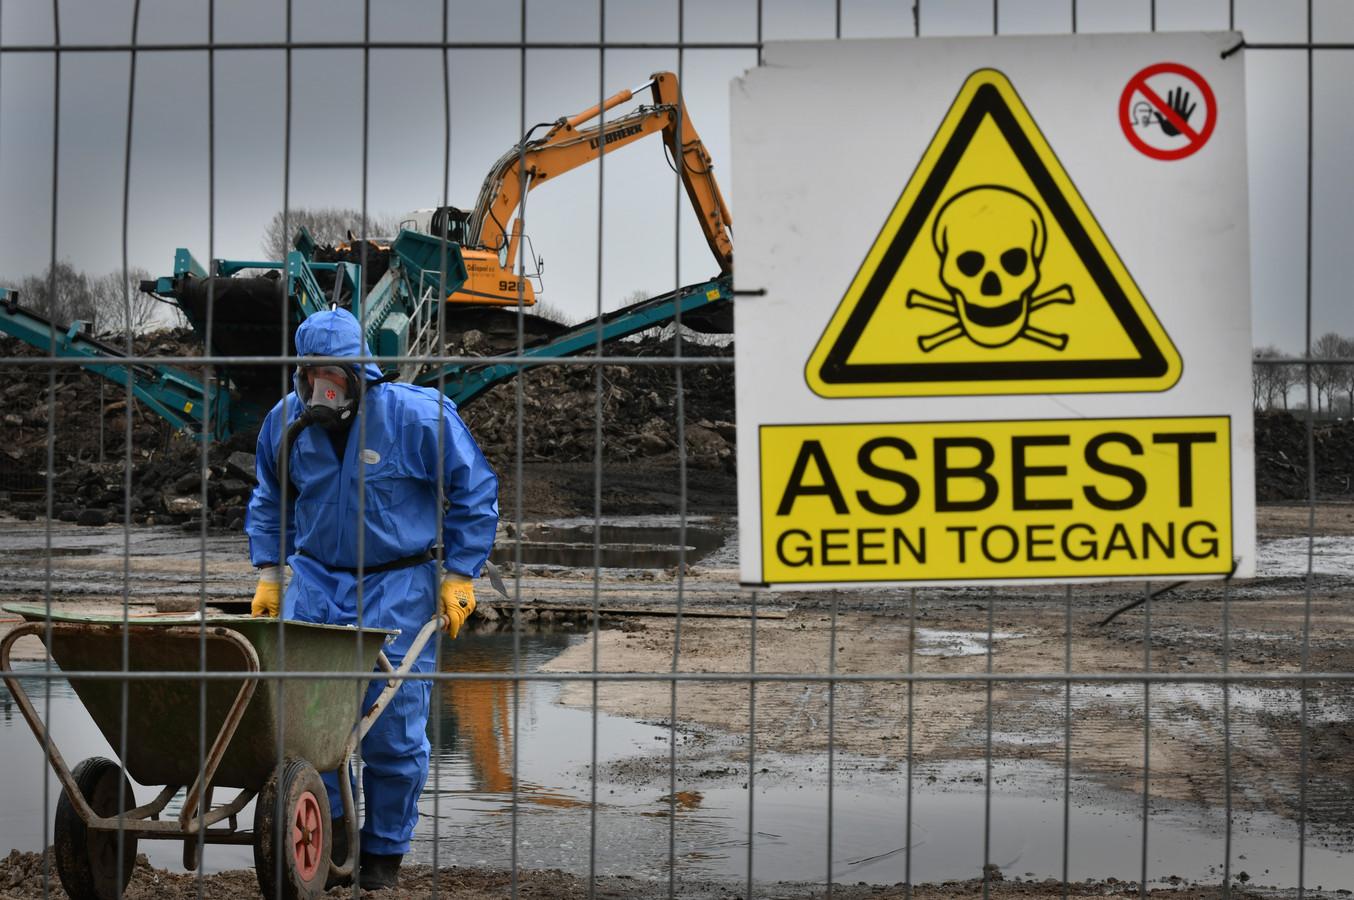 Asbest verwijderen kost Neder-Betuwe veel geld